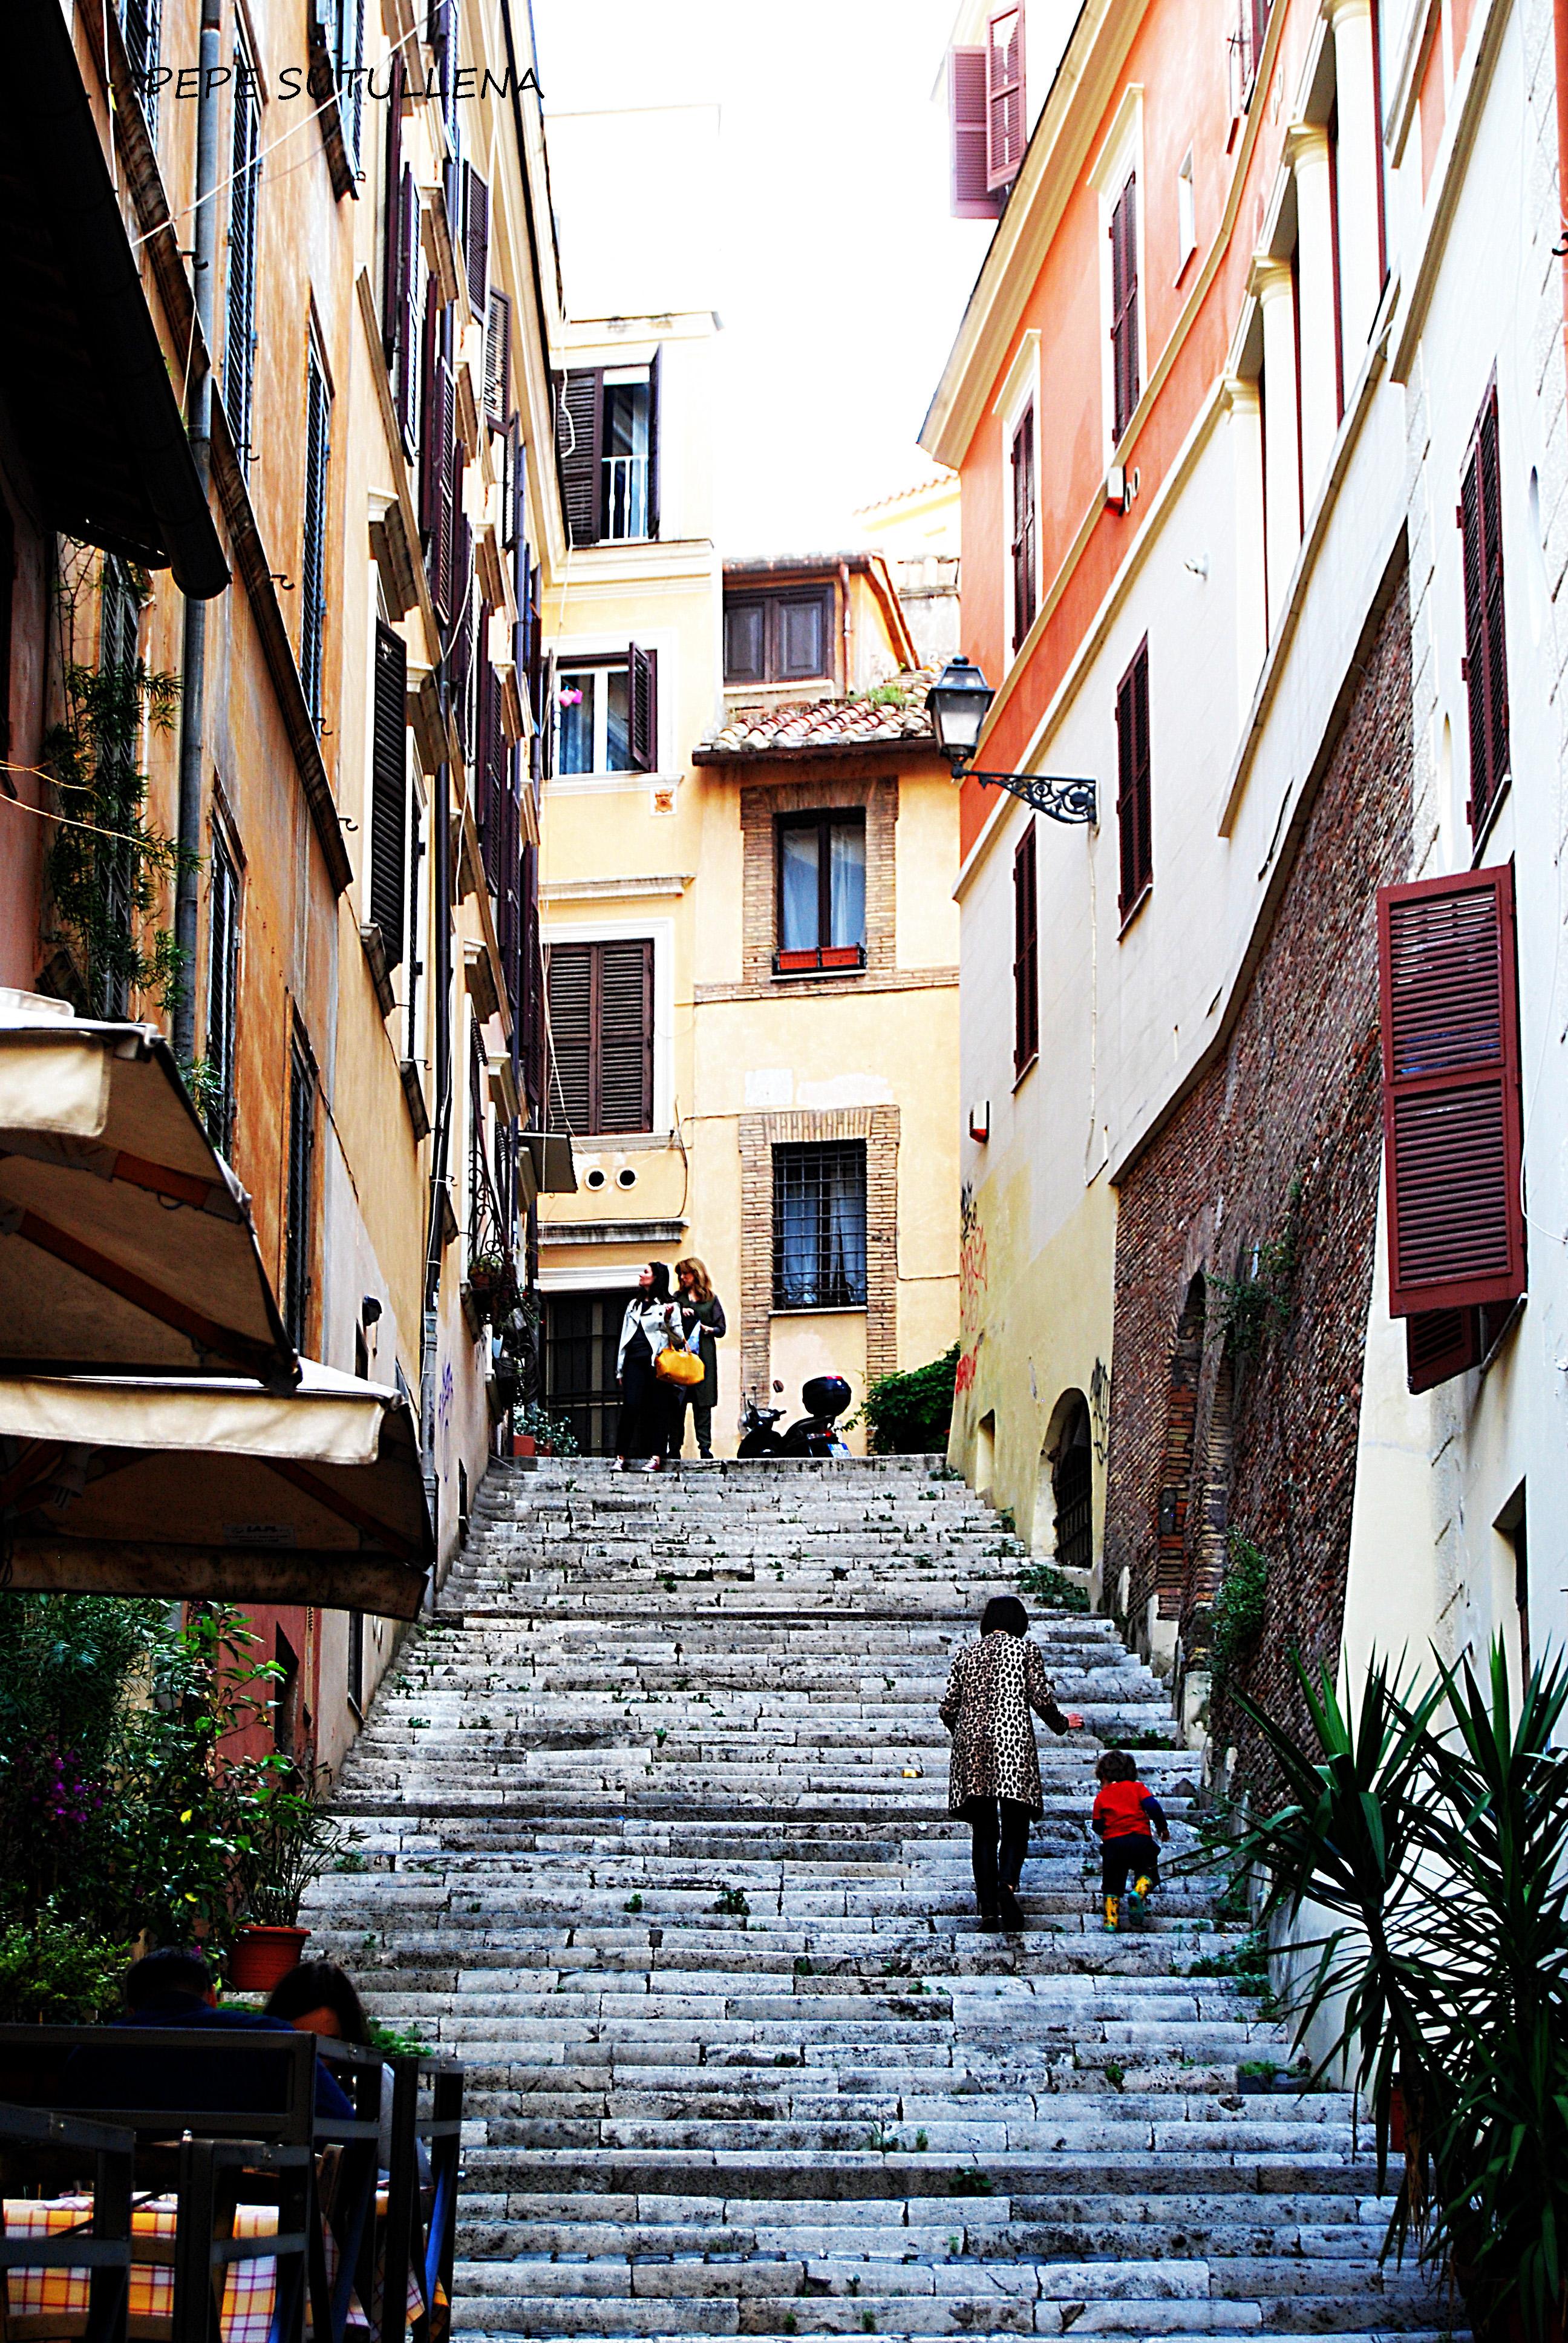 Escalinata dei Capocci